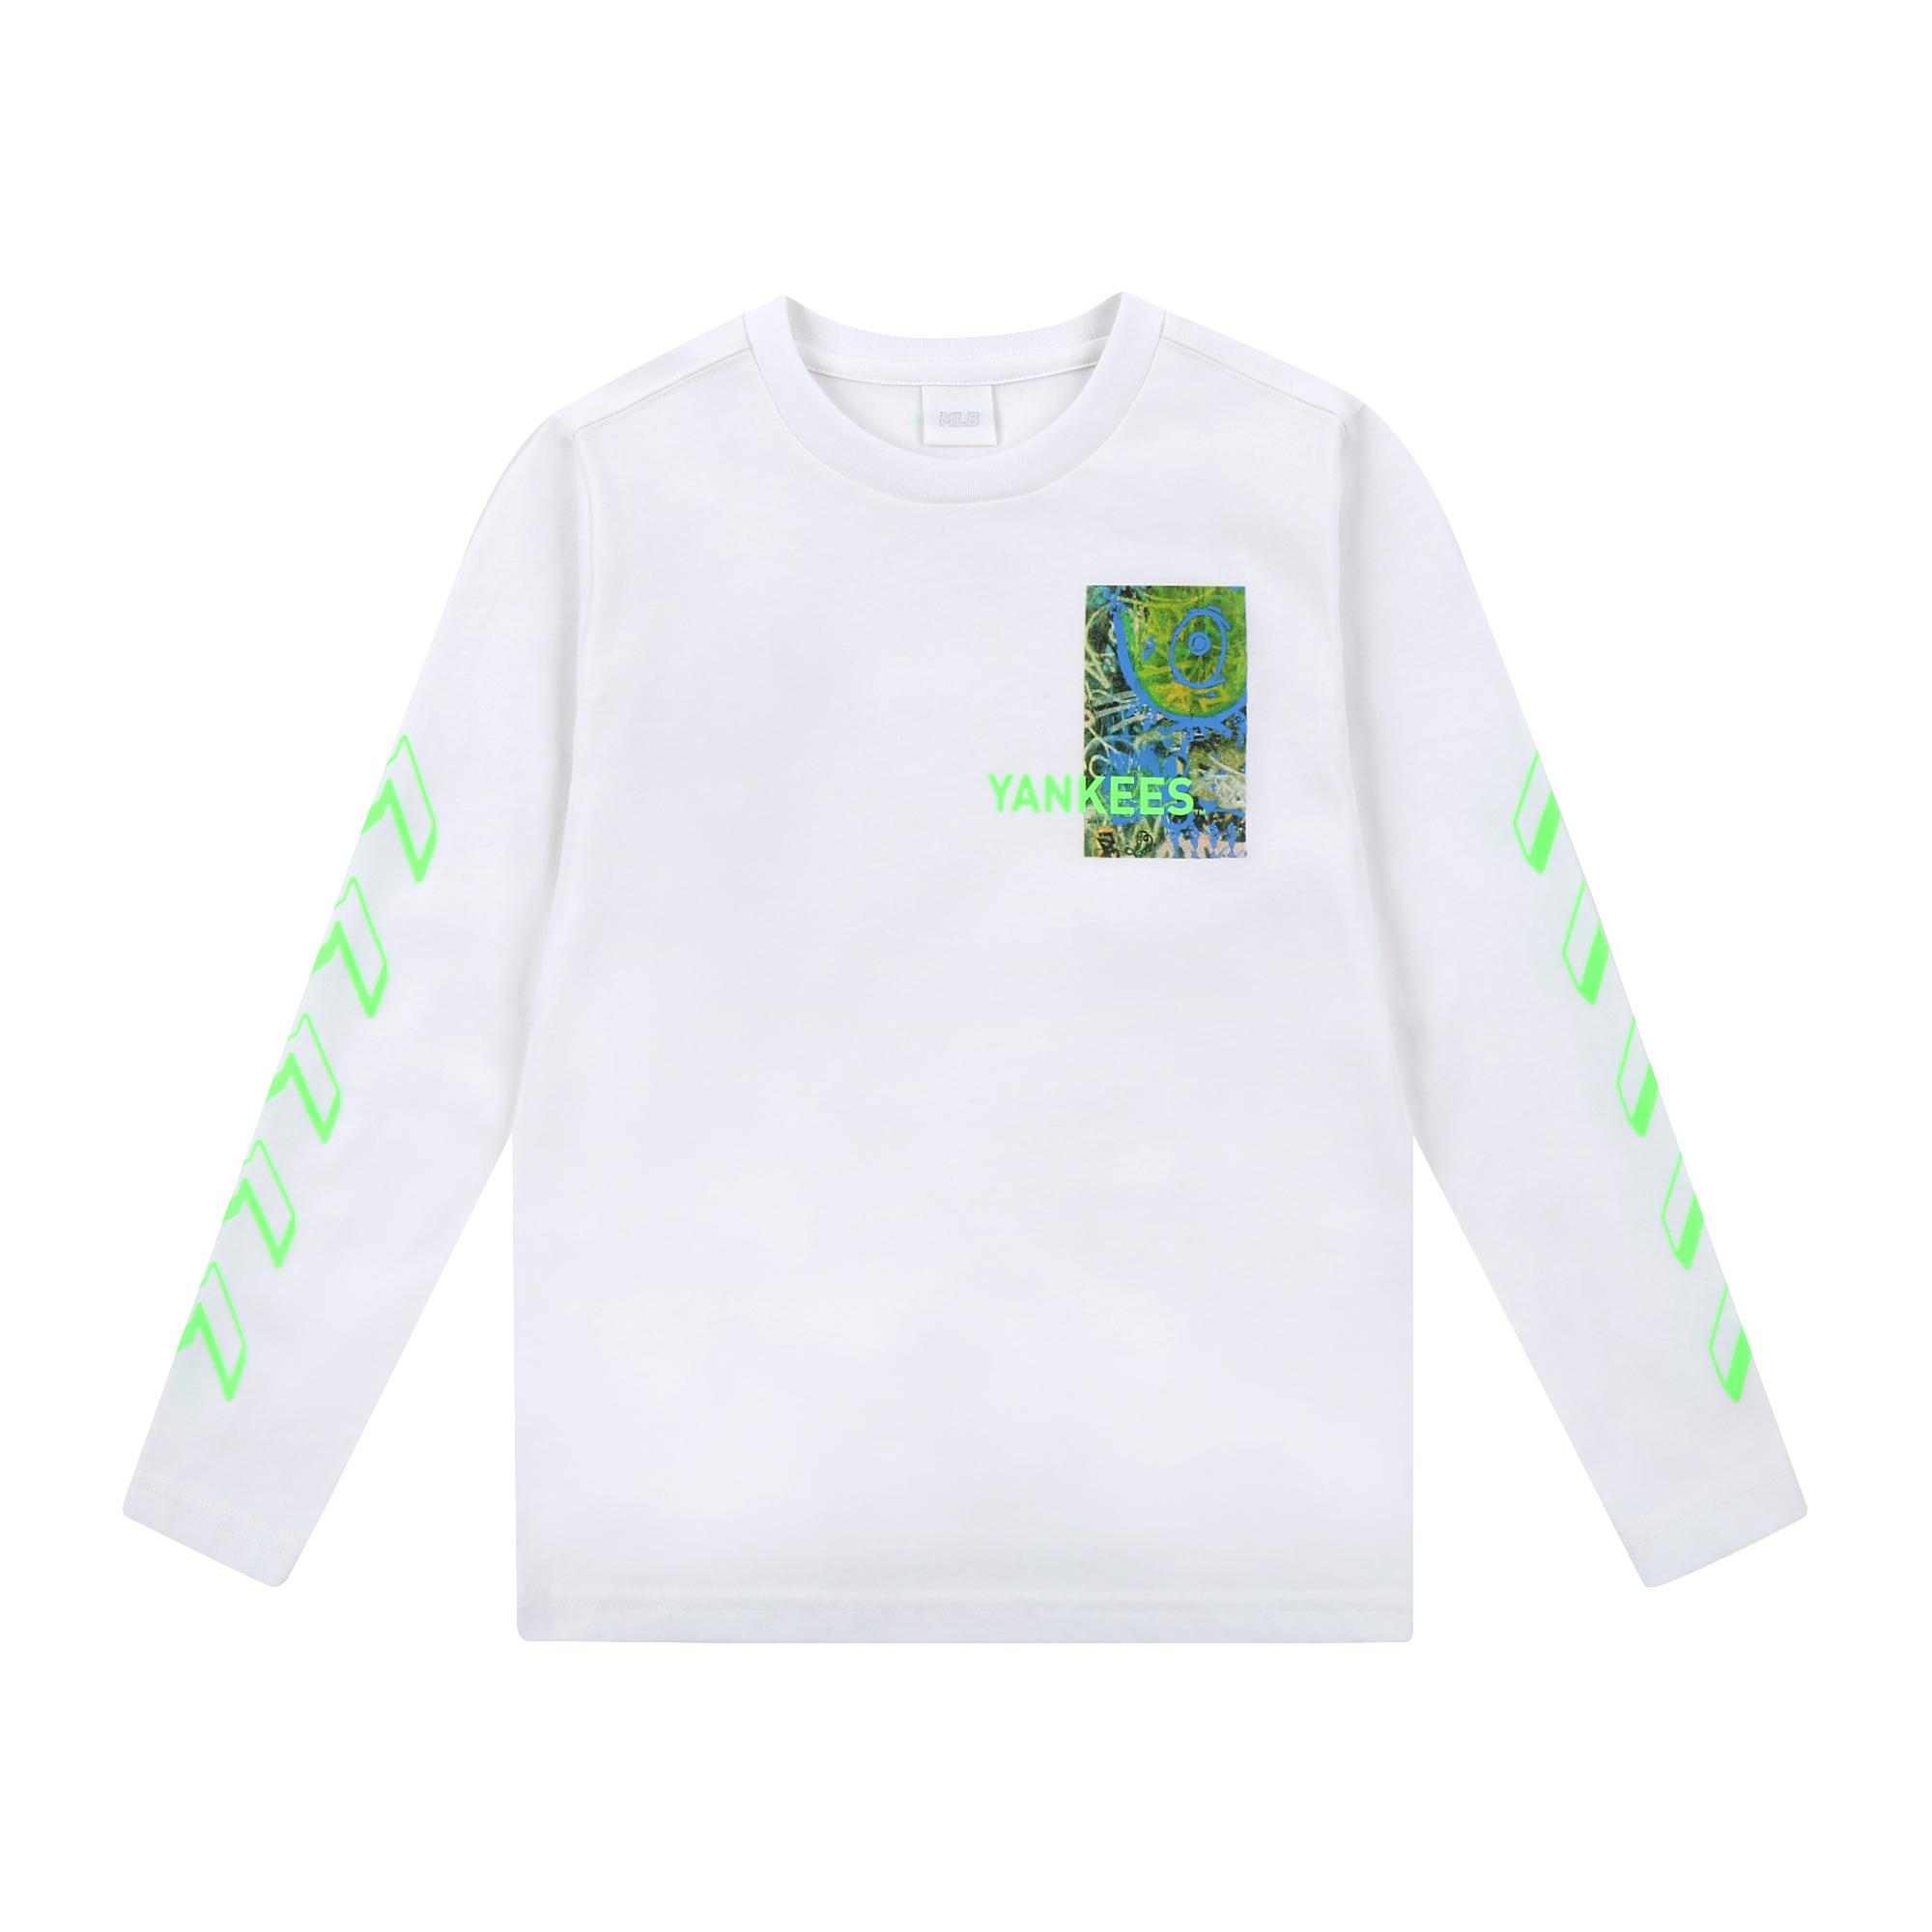 SEAM BALL 포토믹스 티셔츠 뉴욕양키스